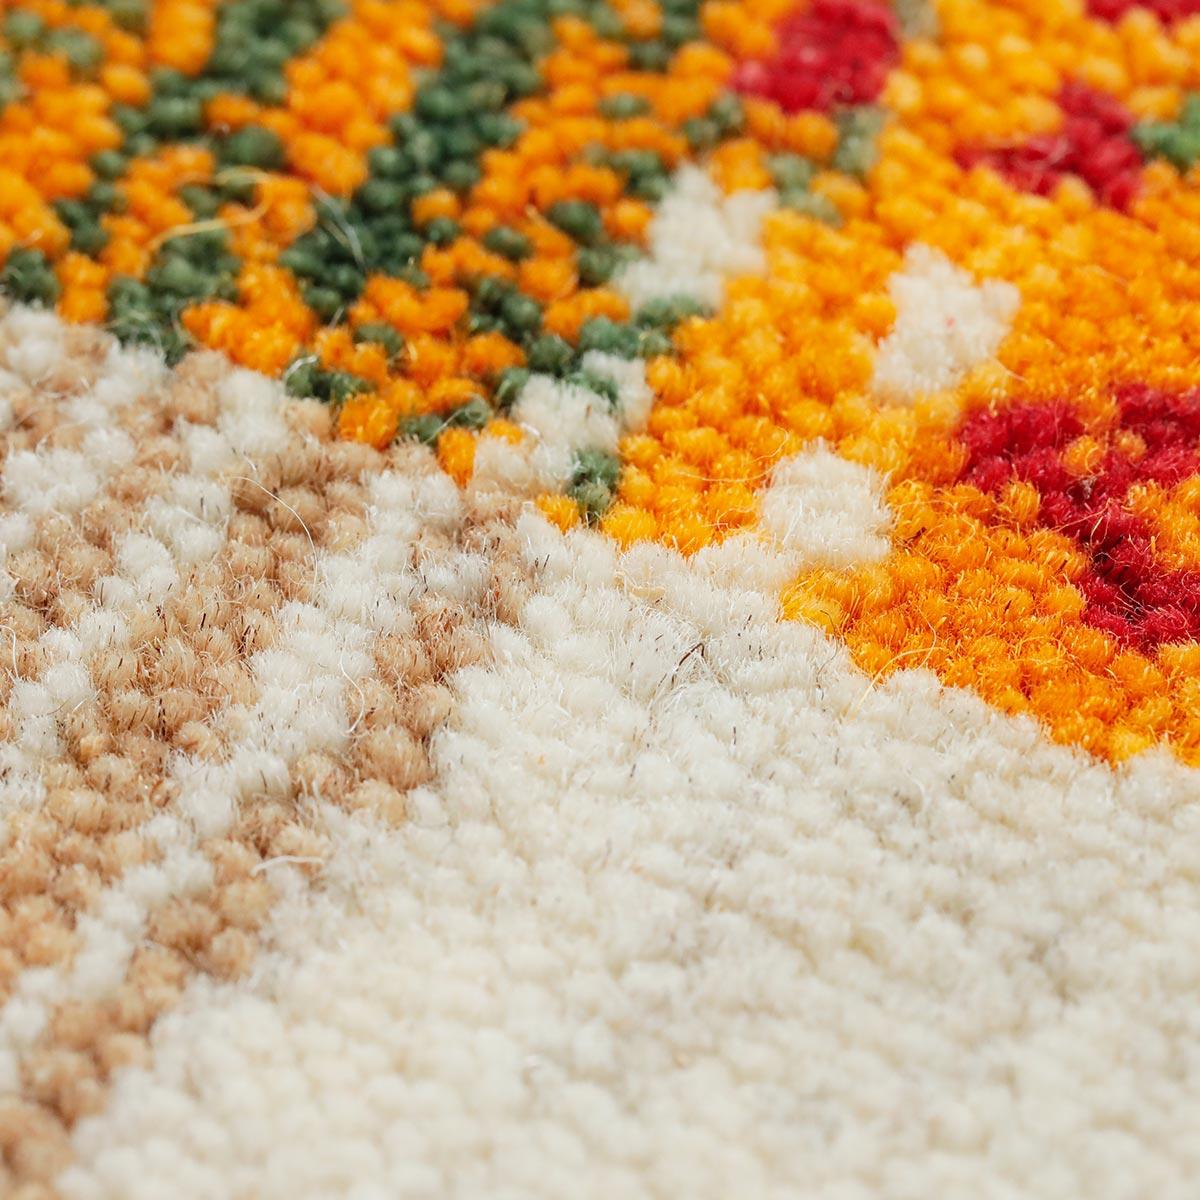 しっかりと目の詰まった織りでつくられています。